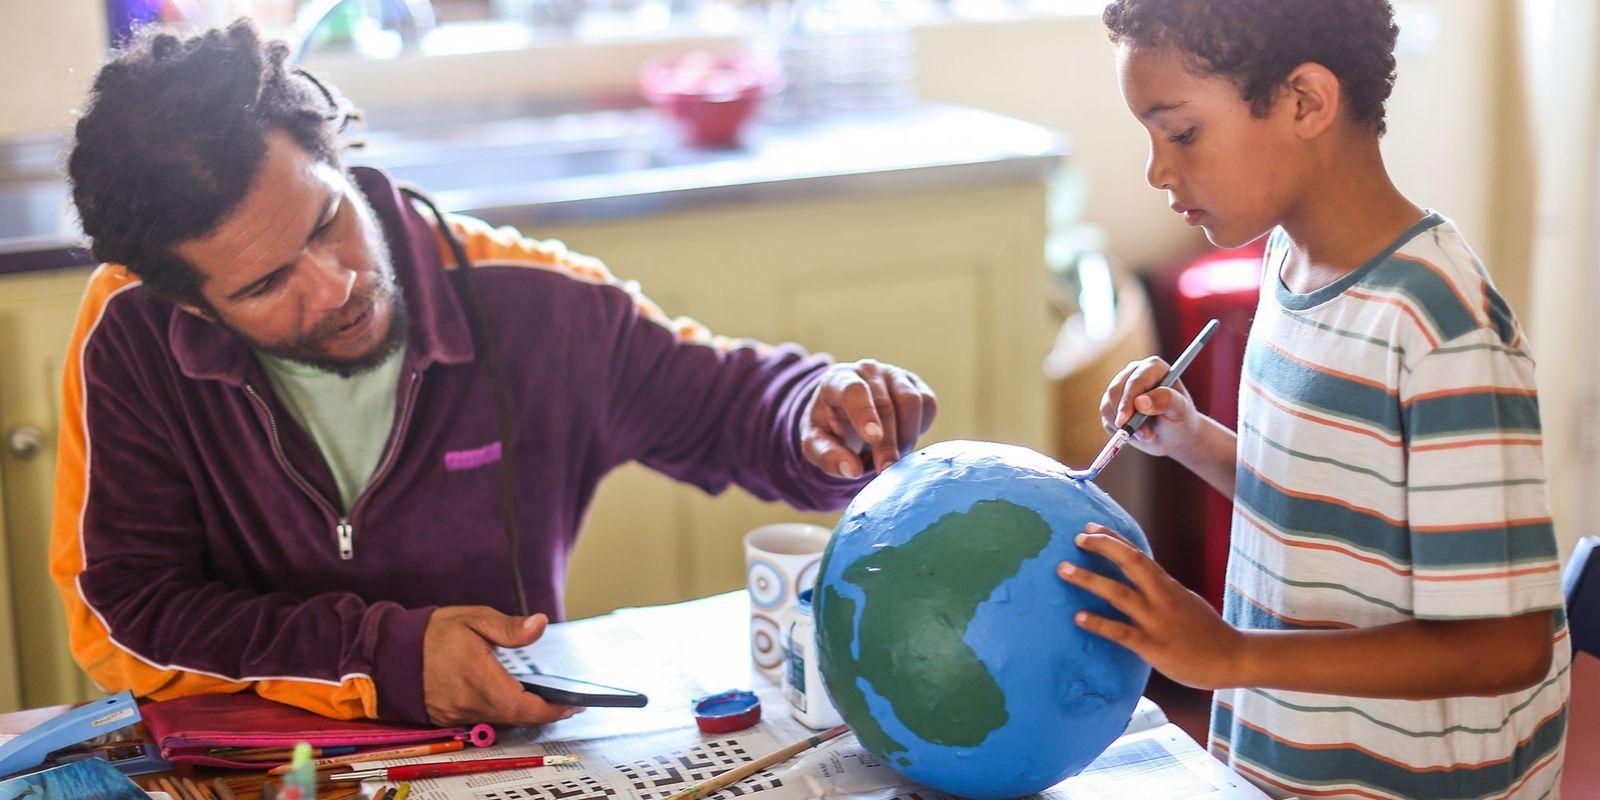 Ideias de atividades para crianças durante a quarentena